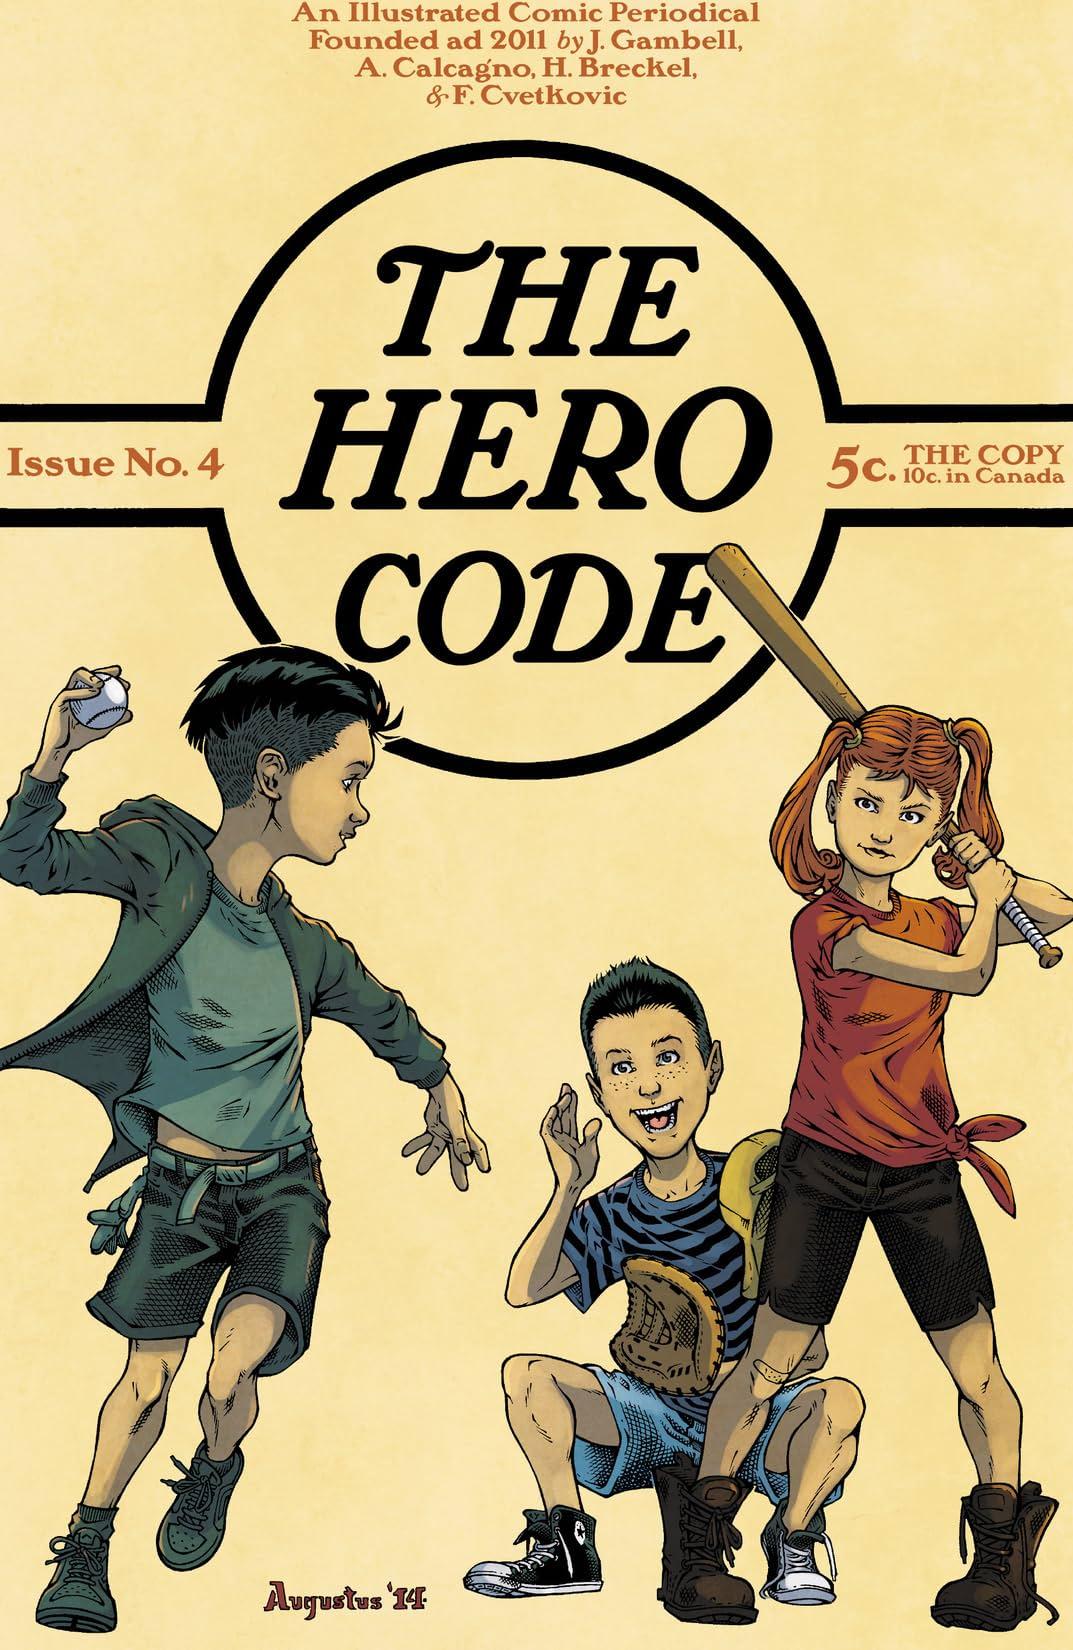 The Hero Code No.4